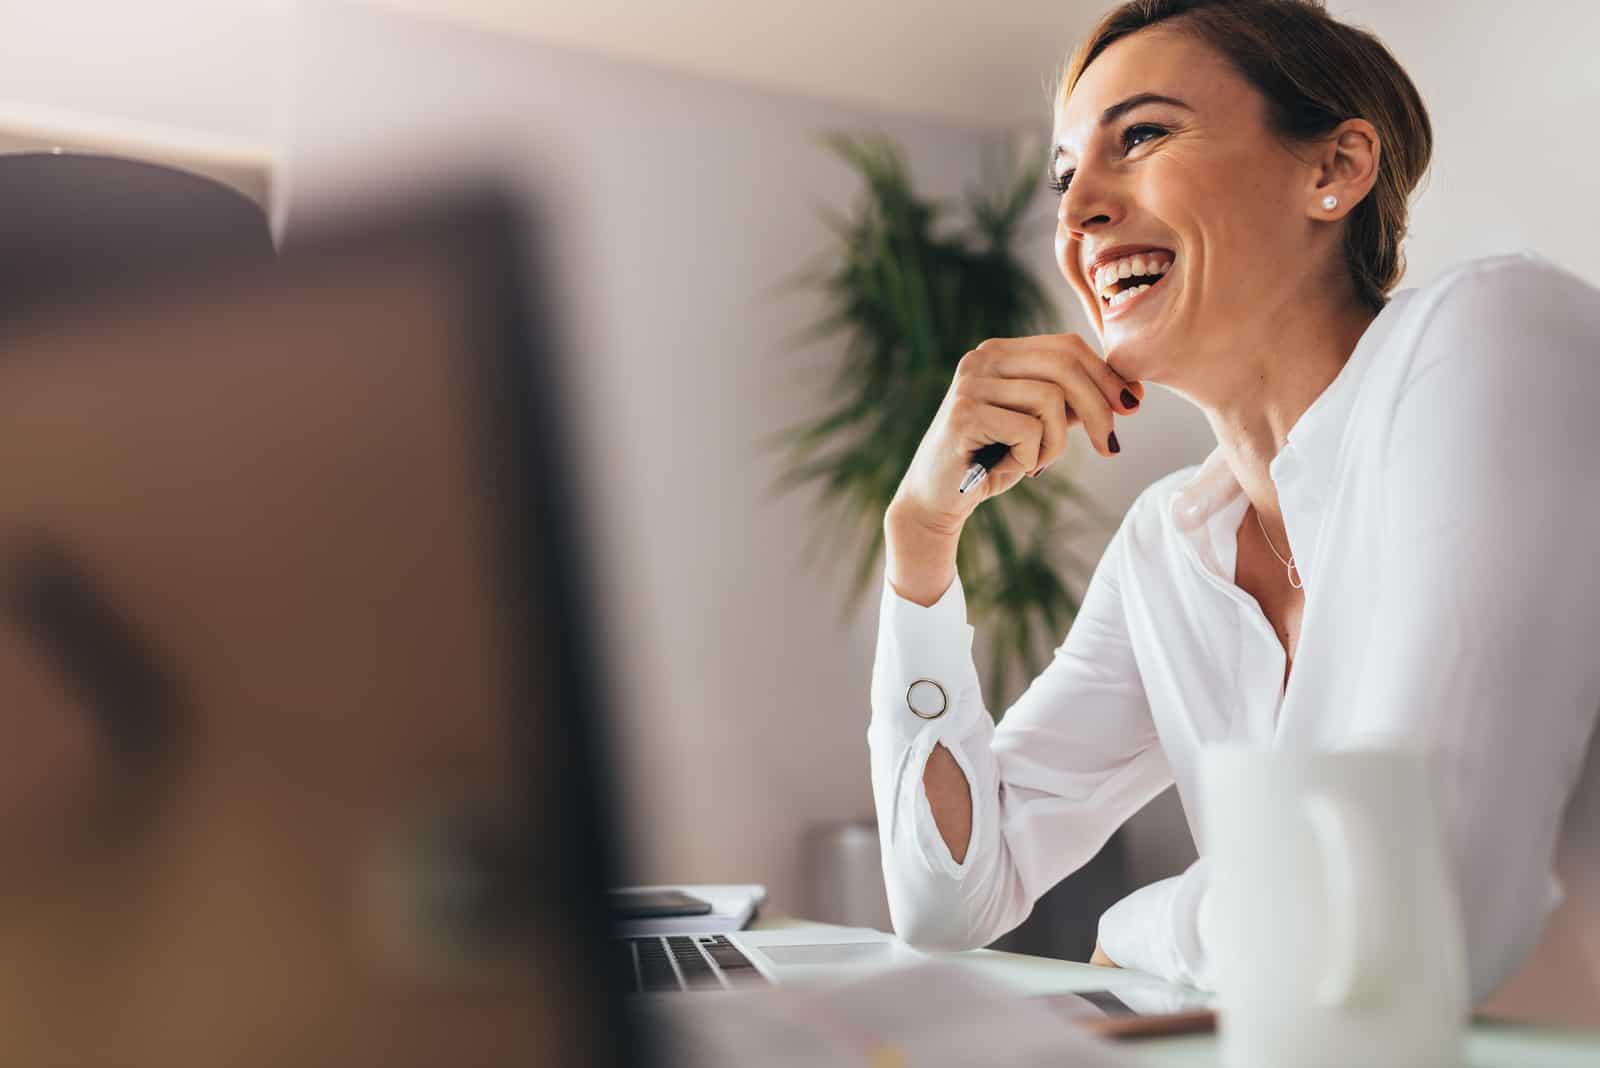 une femme souriante assise au travail